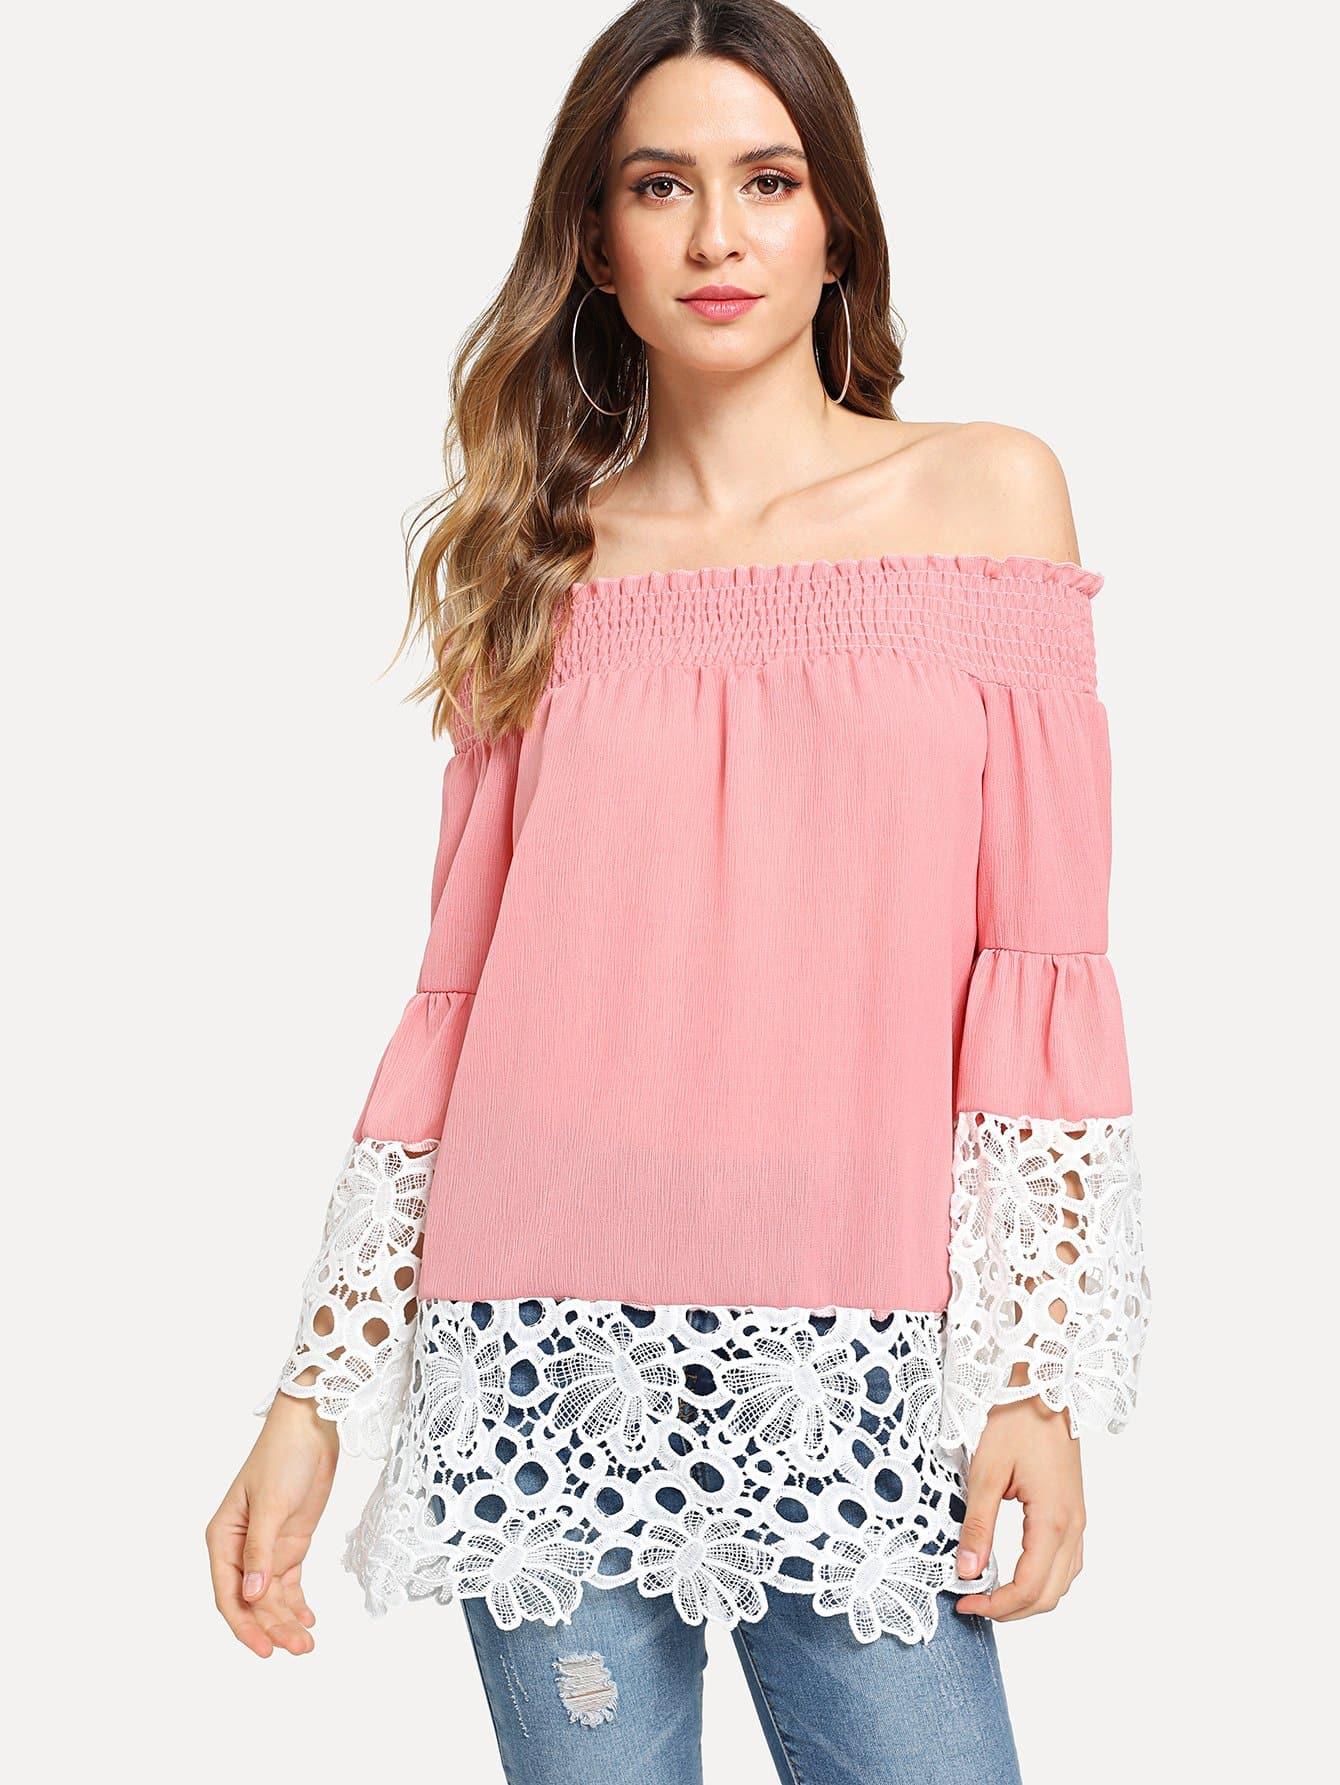 Contrast Crochet Lace Off Shoulder Blouse lace crochet contrast off shoulder stripe blouse